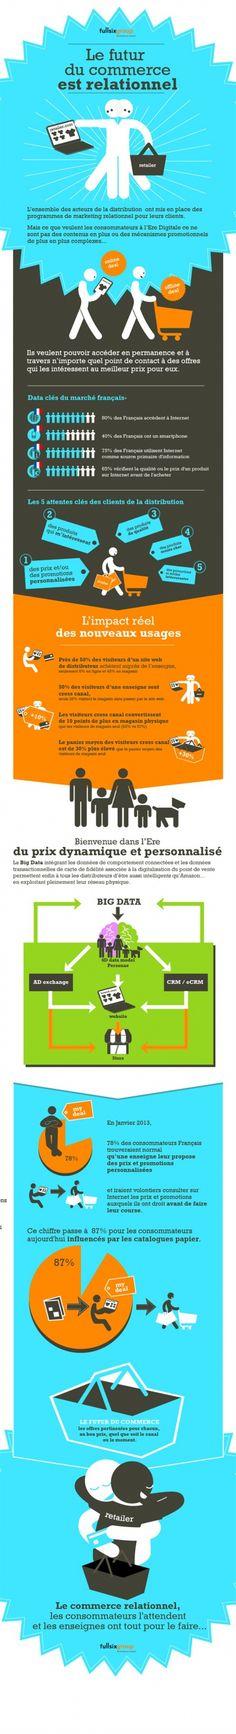 Le futur du commerce est relationnel : Ce que veulent réellement les consommateurs français aujourd'hui | #Infographie